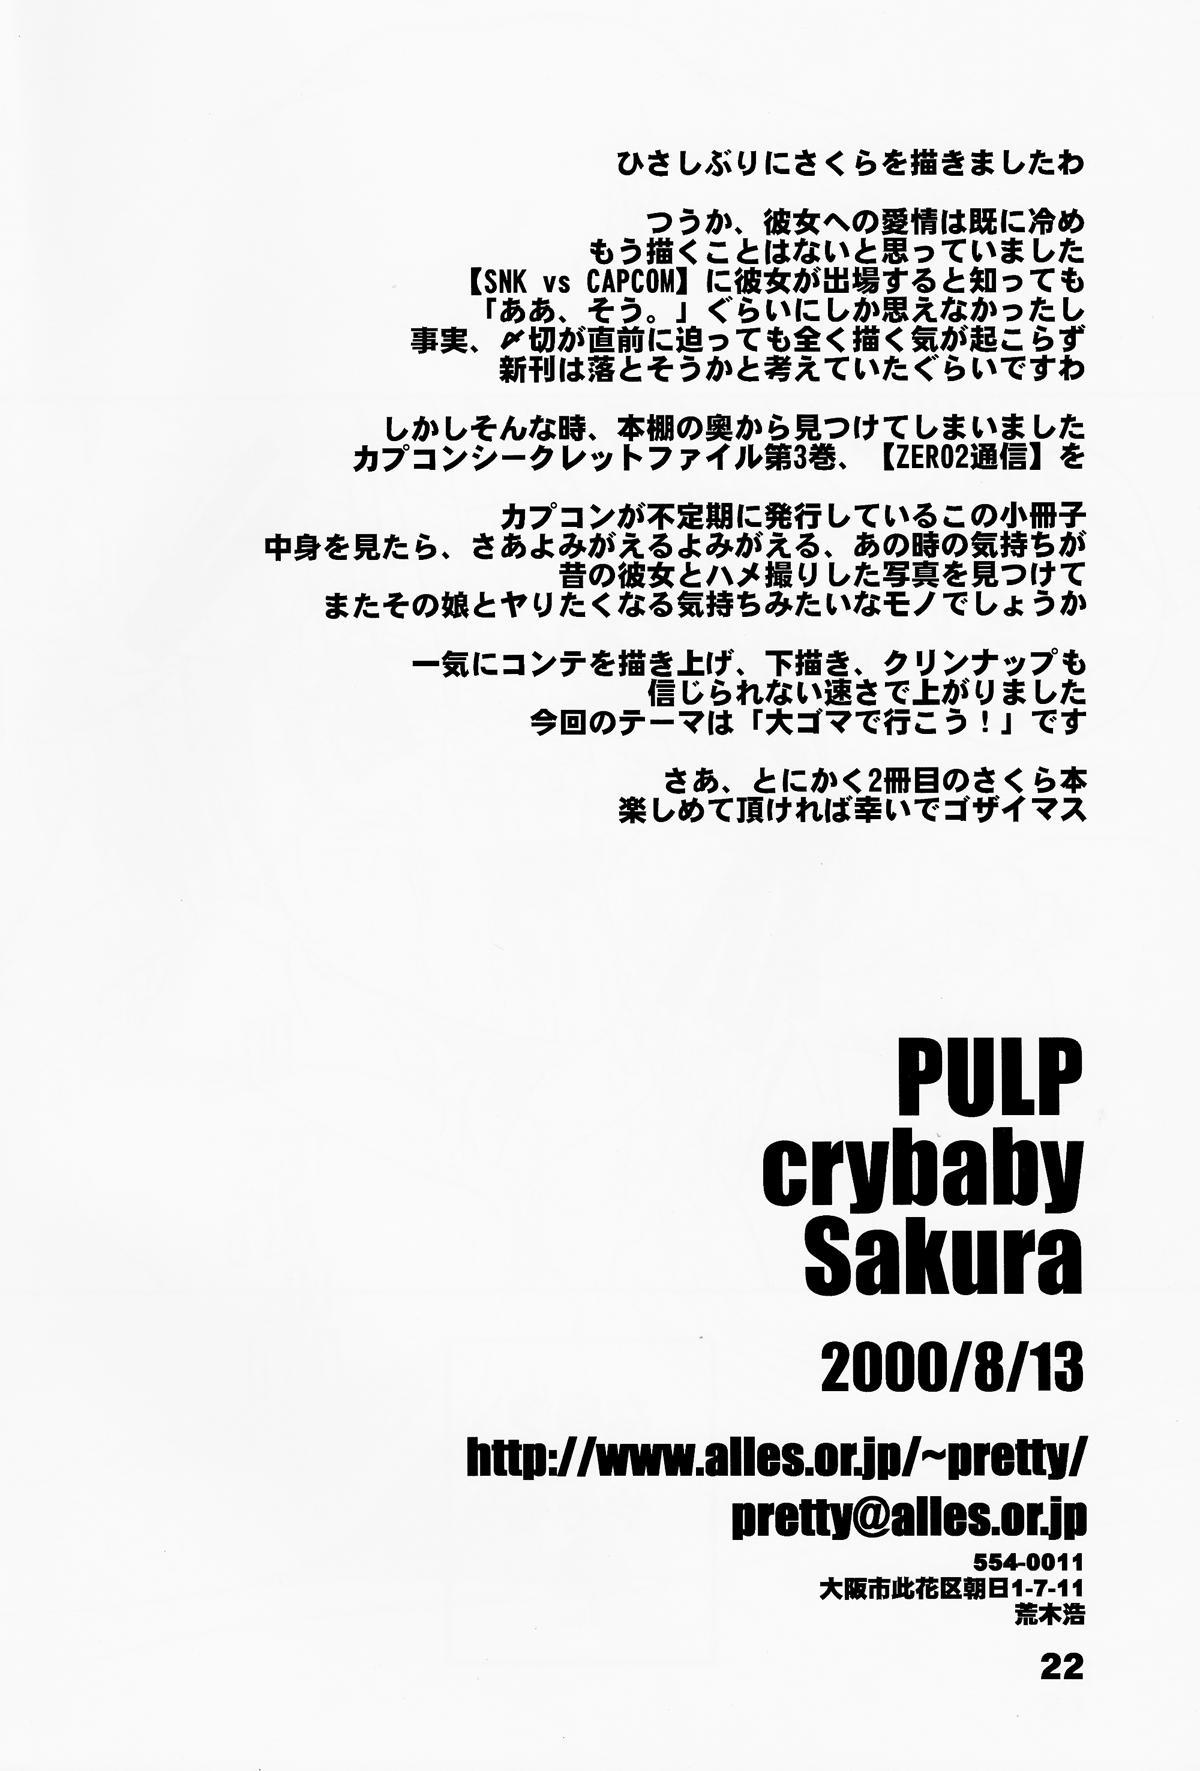 PULP crybaby Sakura 21